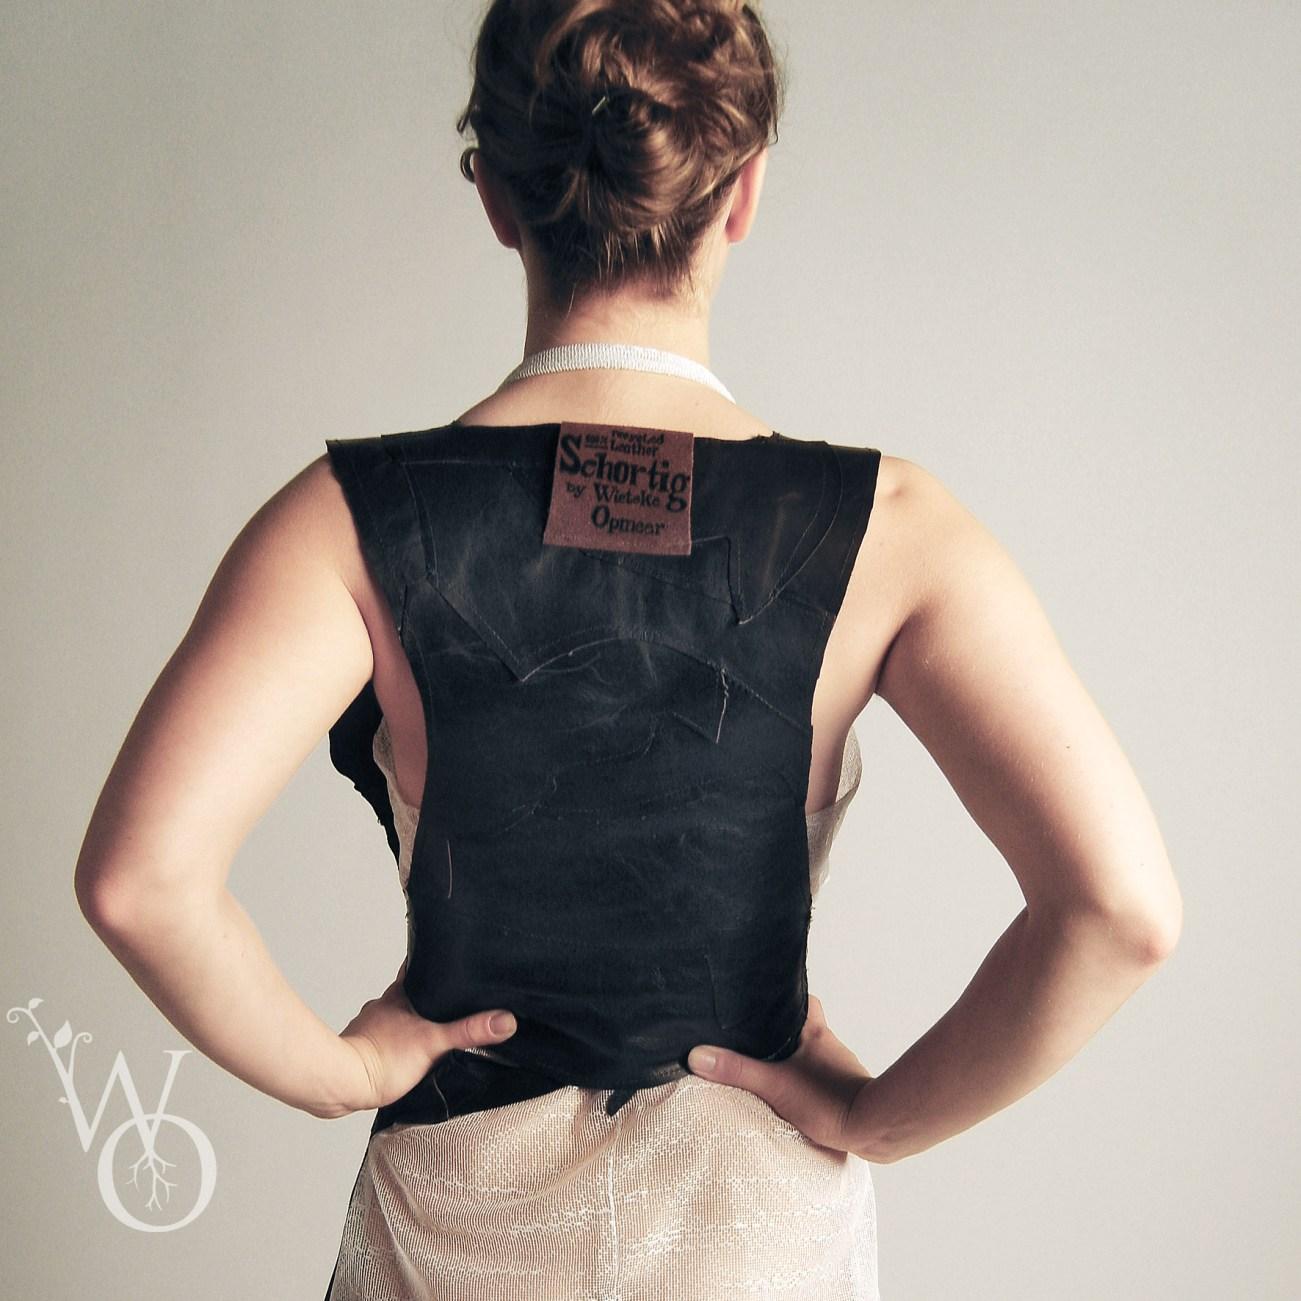 schortig back view